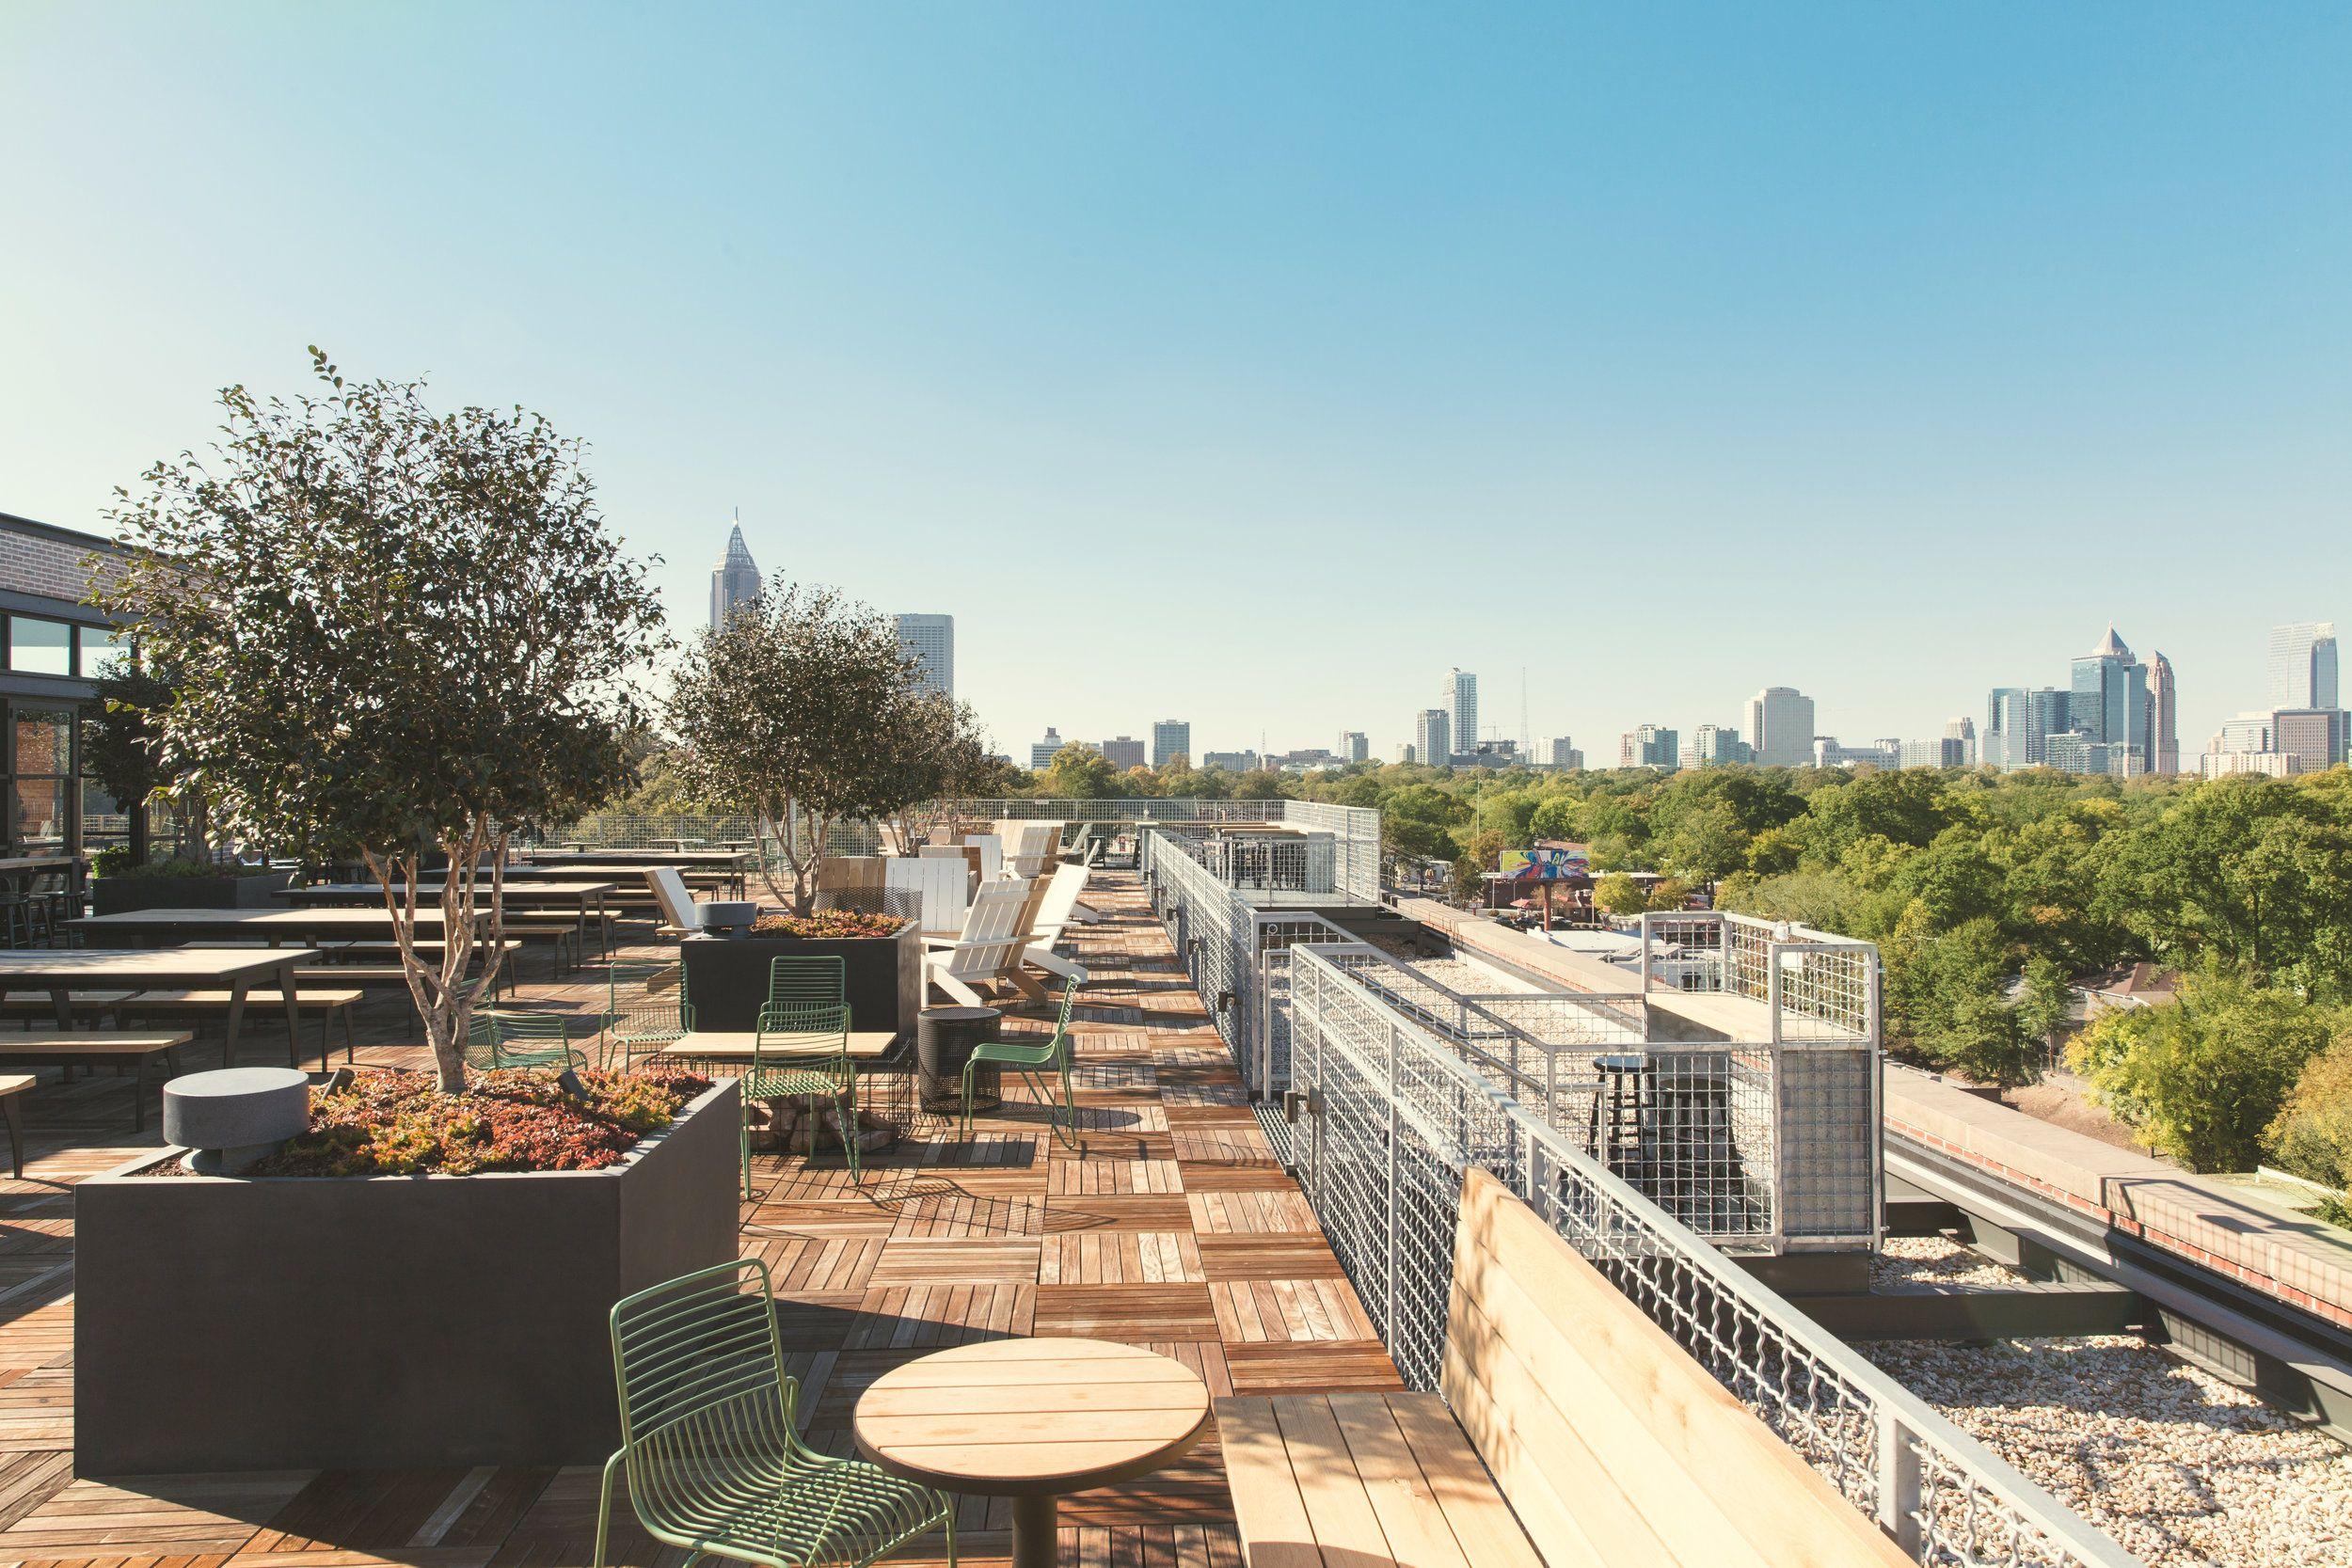 Nms Header 1 Jpg City Garden Rooftop Restaurant Garden City Ny